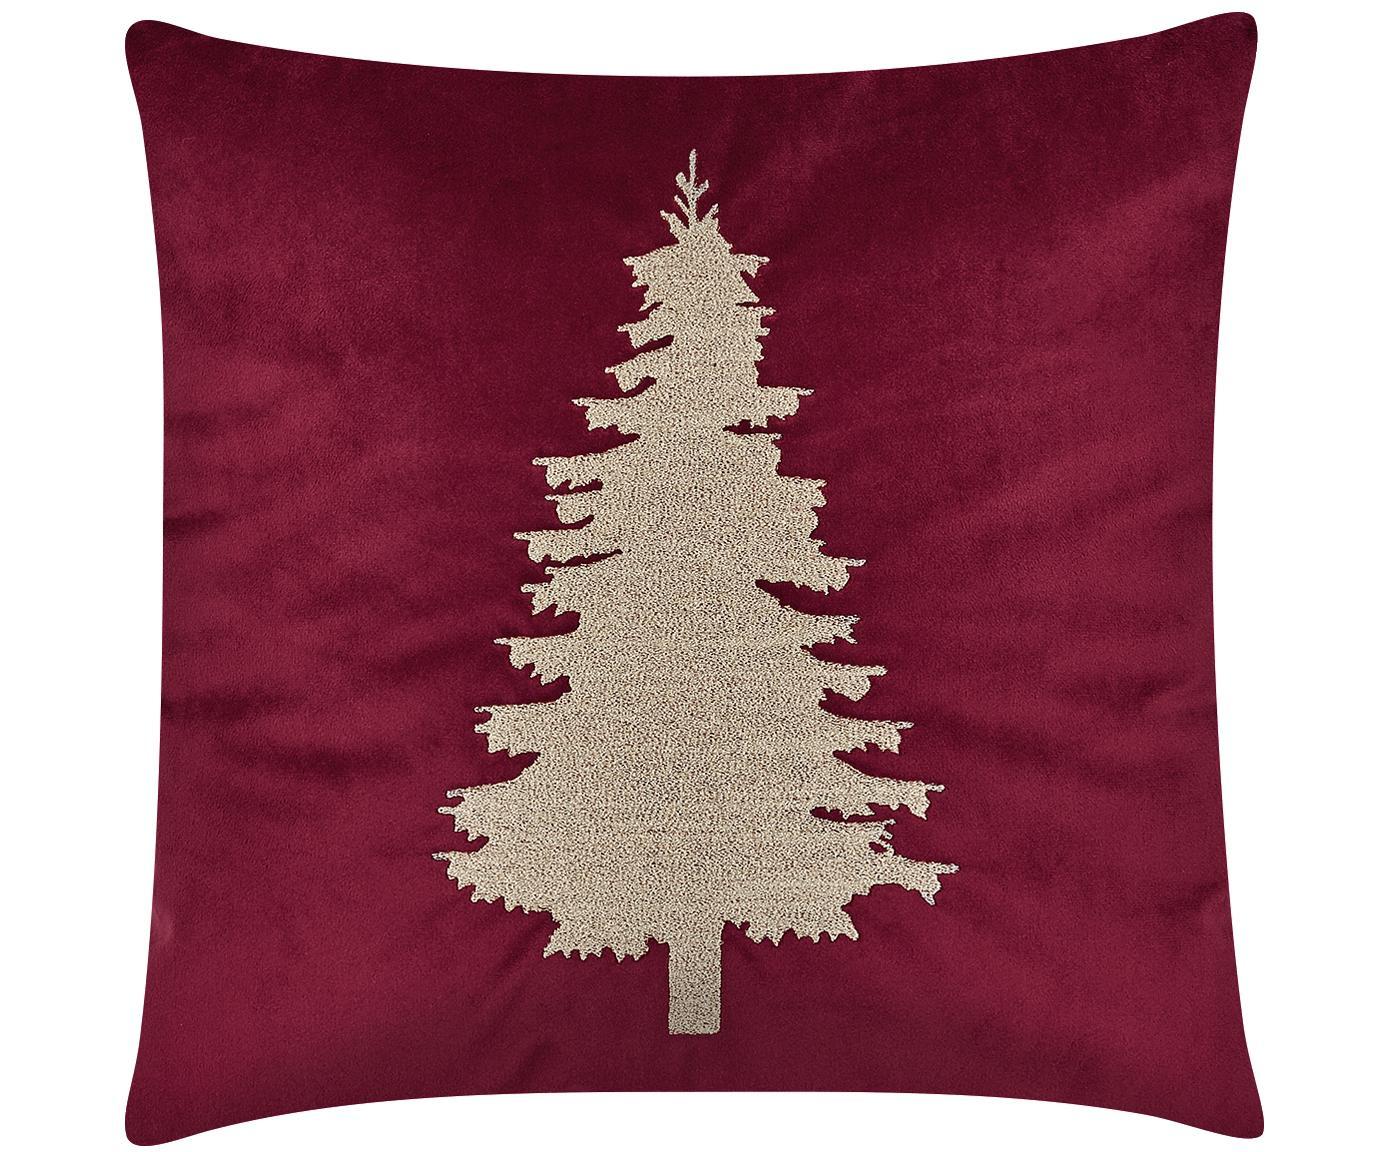 Funda de cojín bordado de terciopelo Tree, Rojo, An 40 x L 40 cm